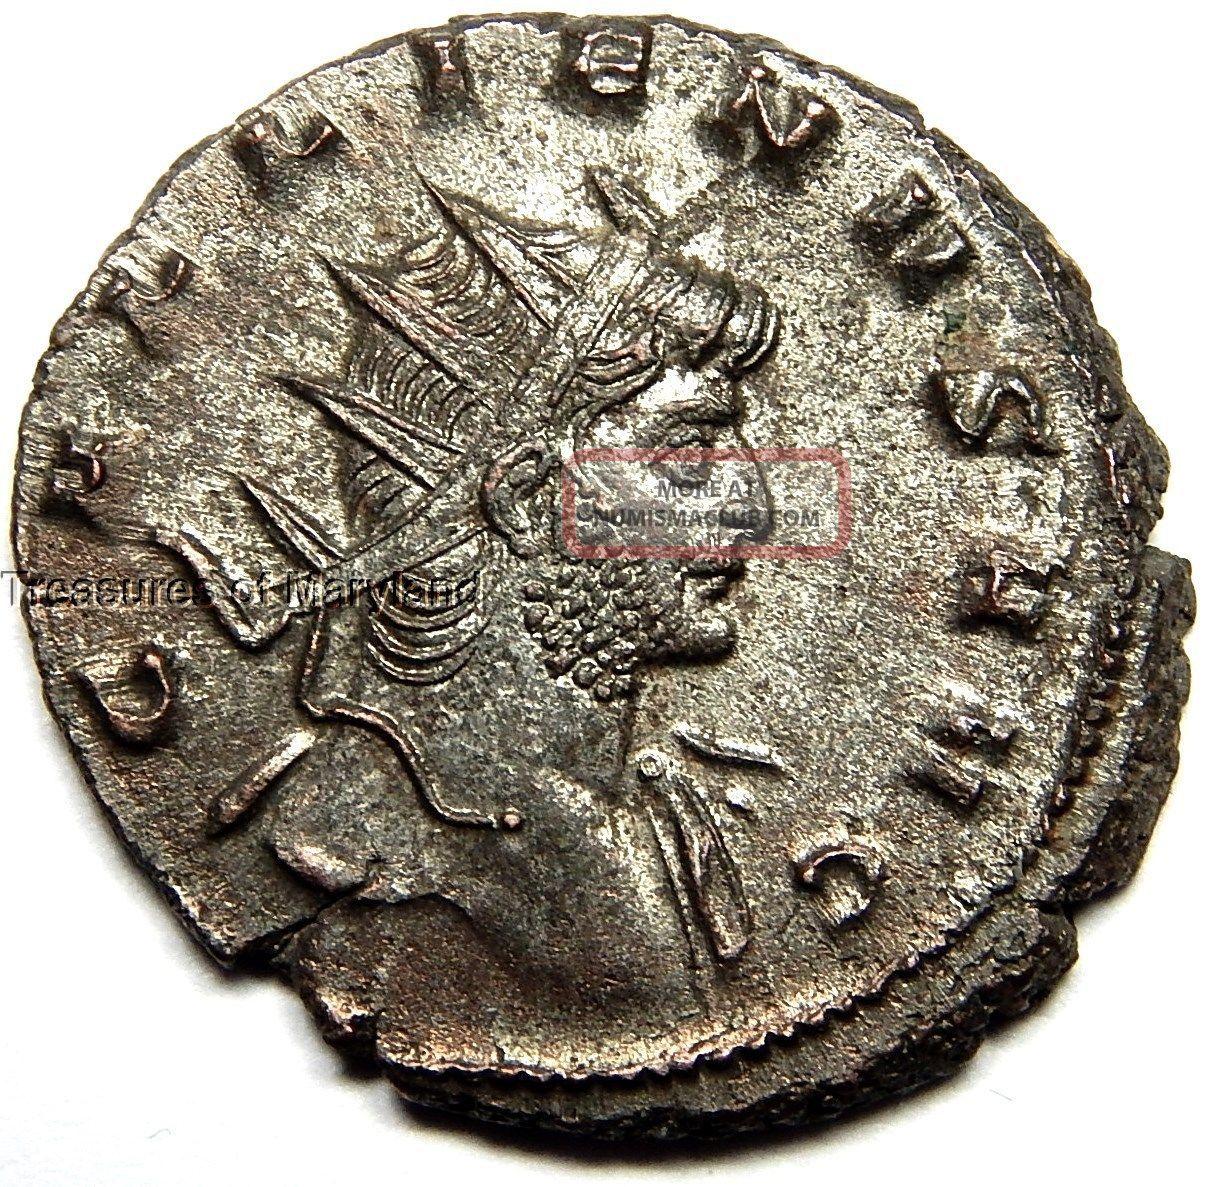 253 - 268 Ad Gallienus Silvered Antoninianus